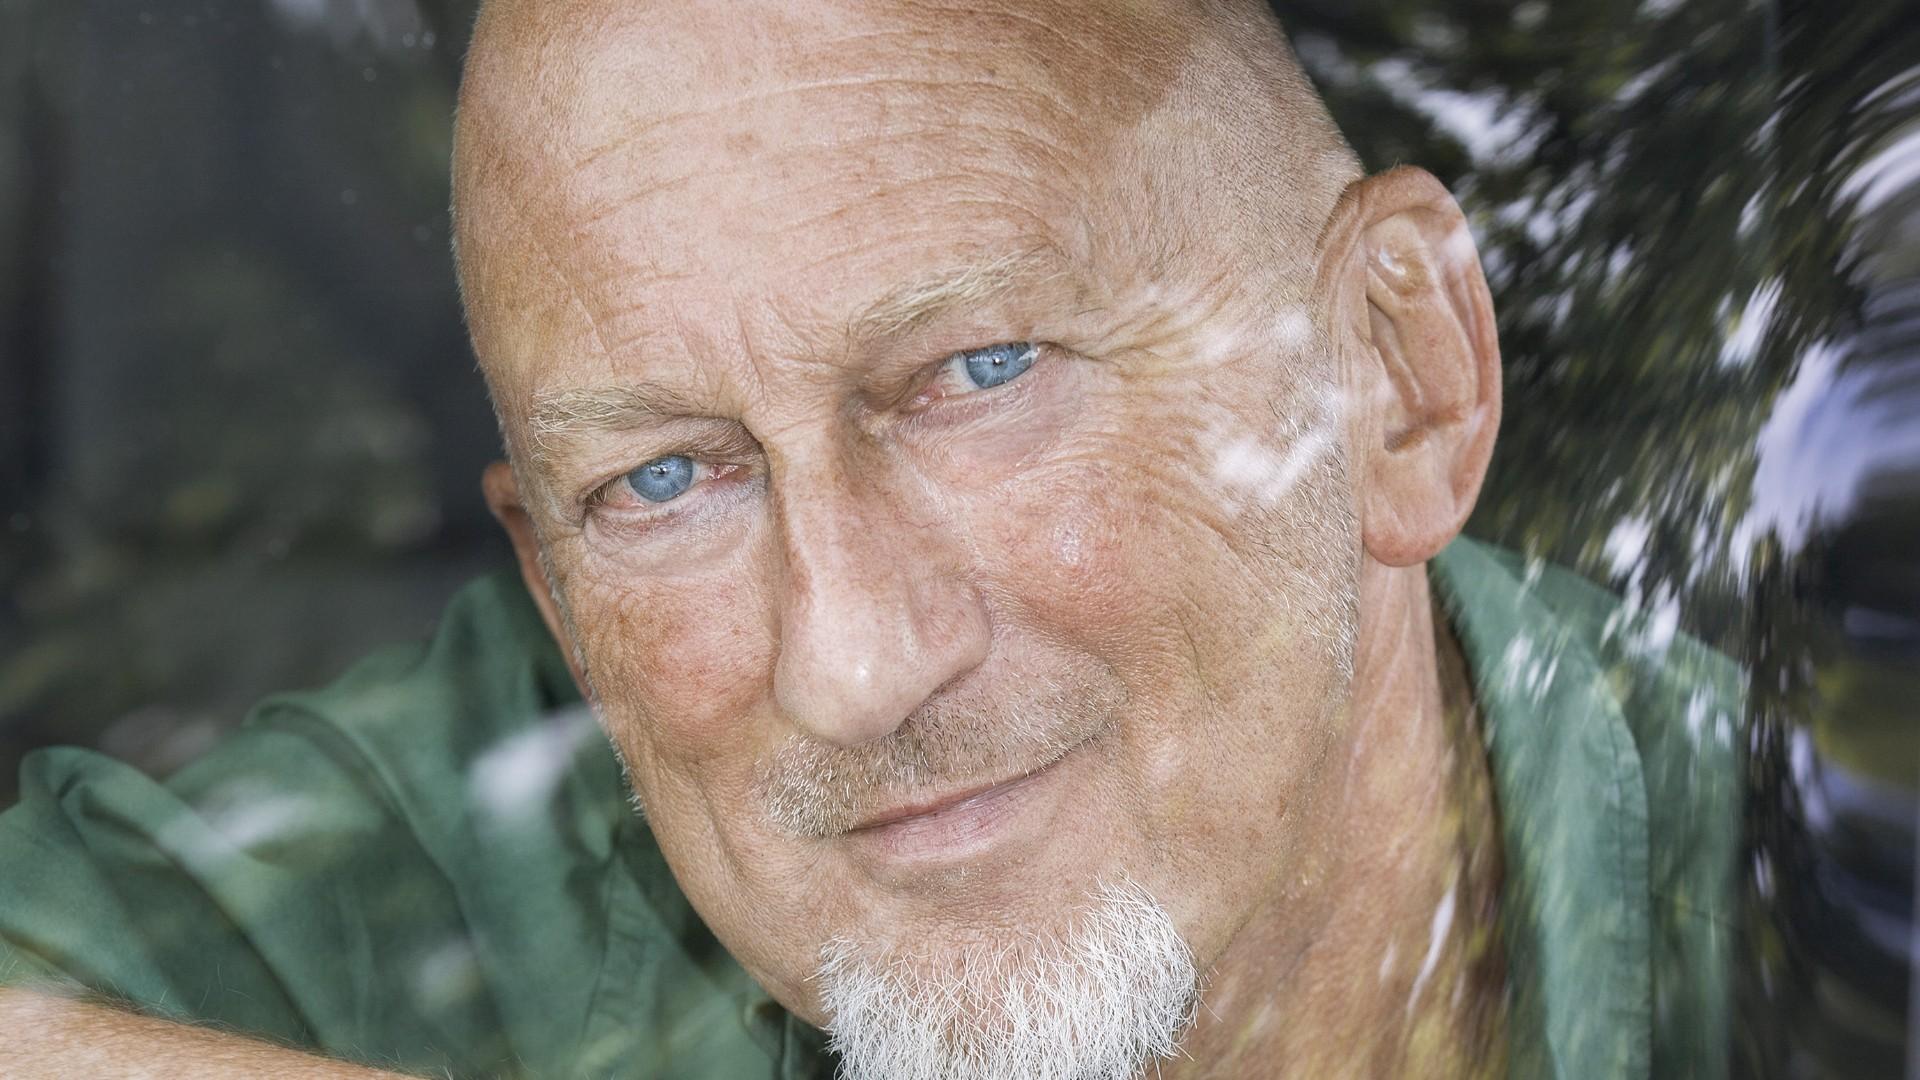 Gerard van Maasakkers Elckerlyc